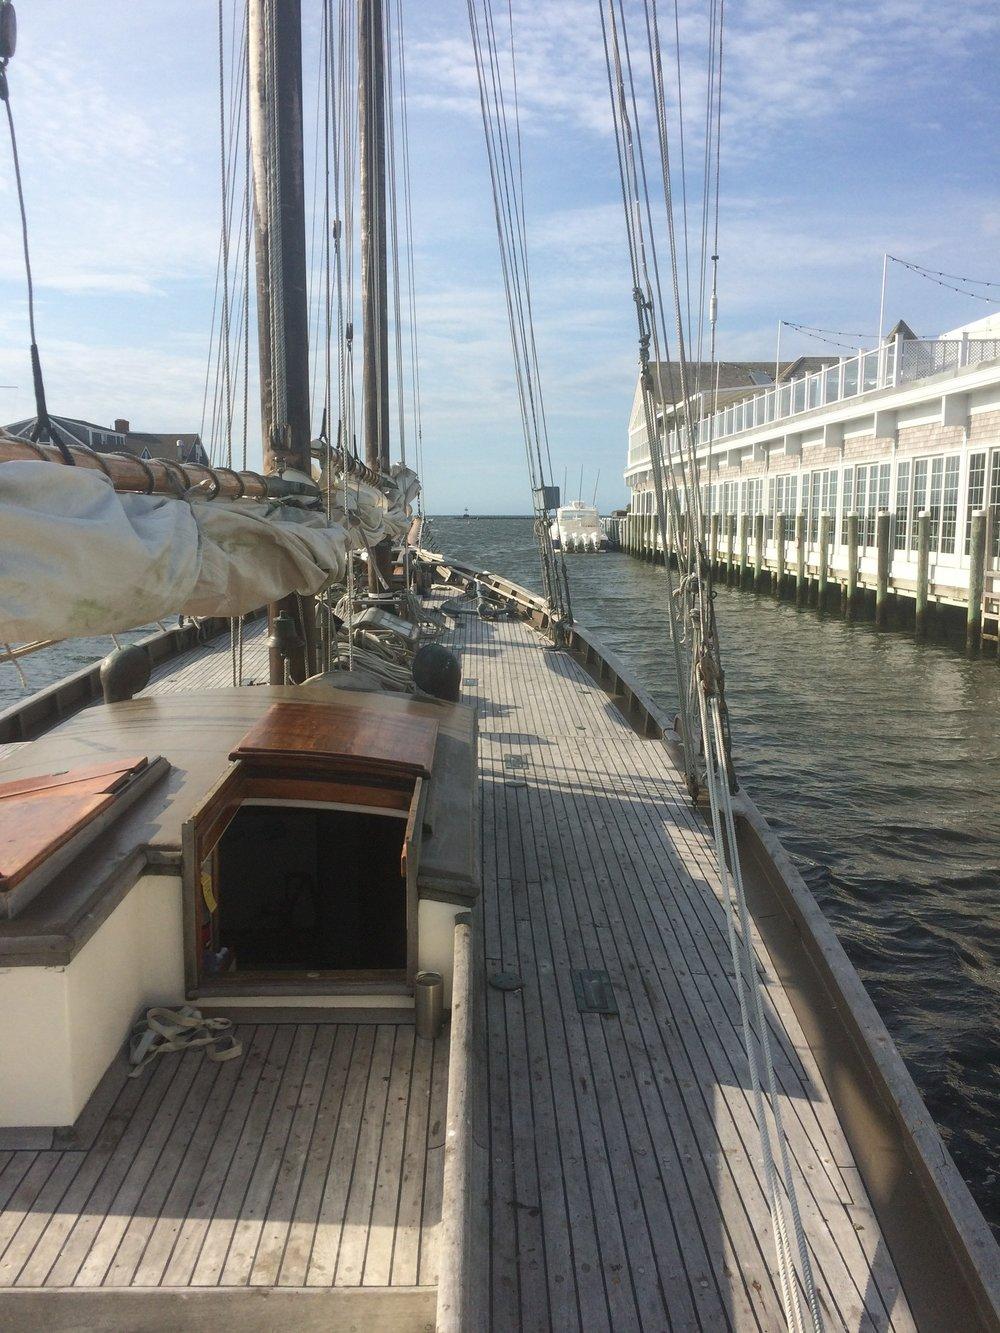 unbounded-adventures-_-schooner-tyrone-2.jpg